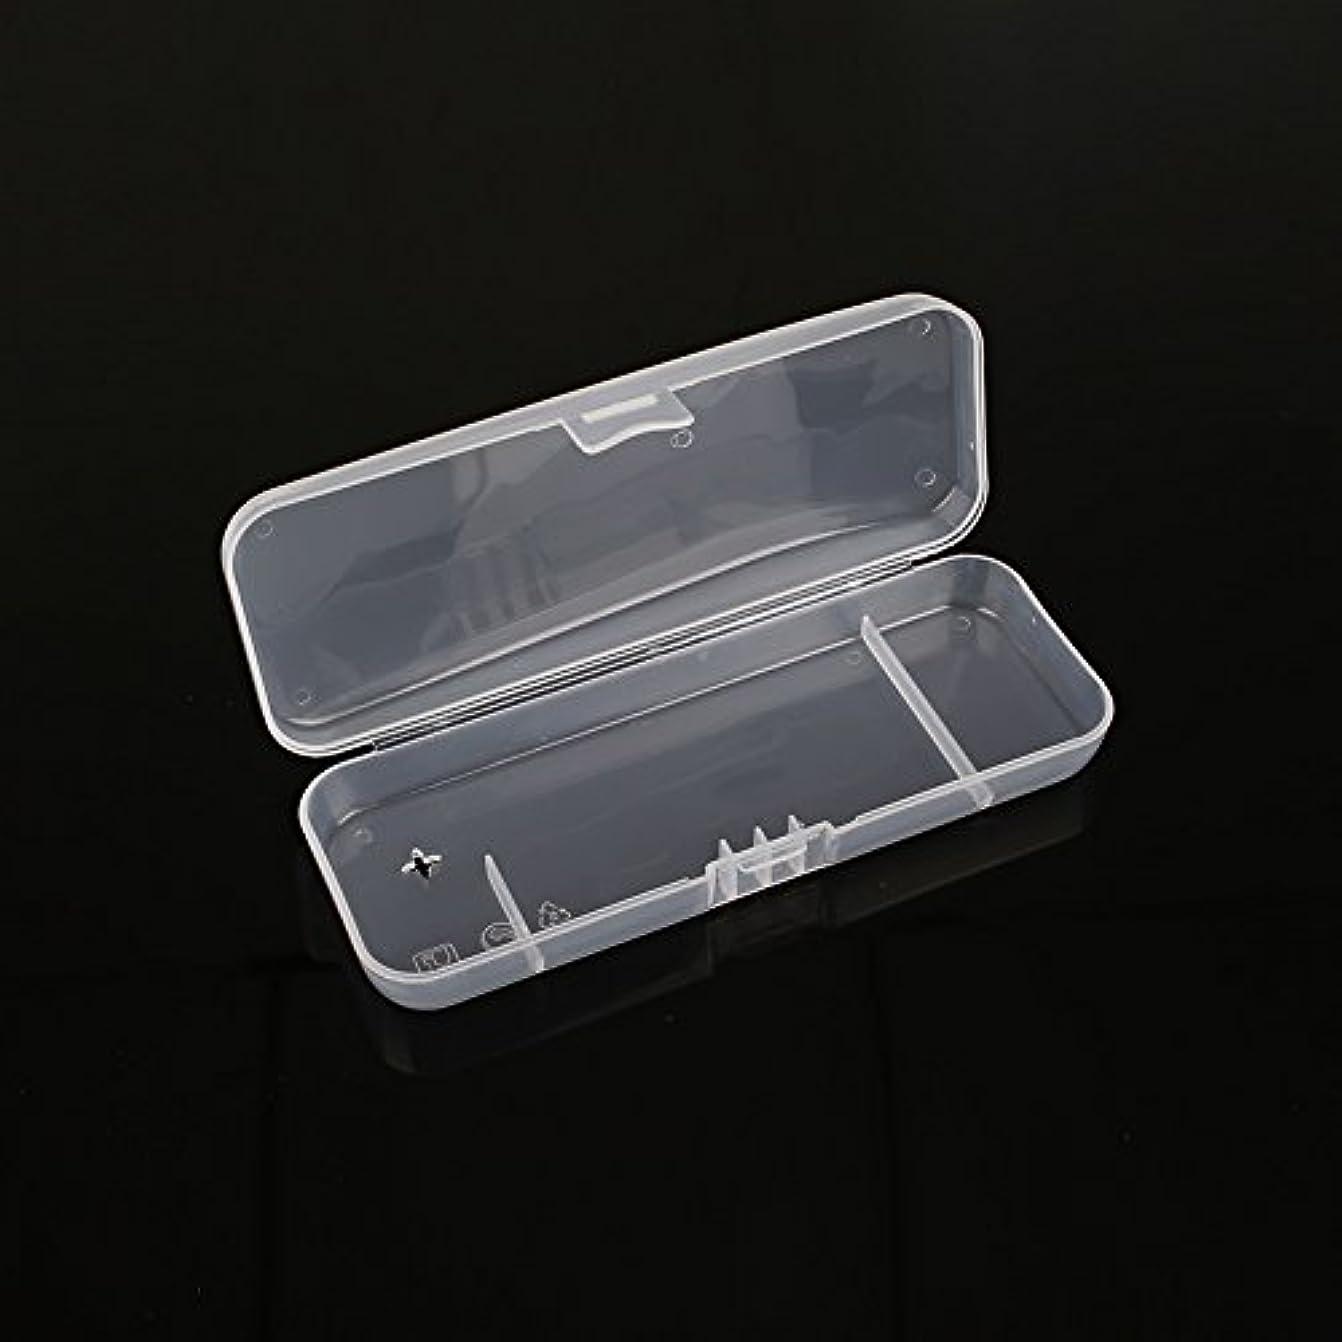 伝染病バドミントン生き物キコード 白い透明 ポータブル シェービングボックス シェーバー用 トラベルレジャープロテクター